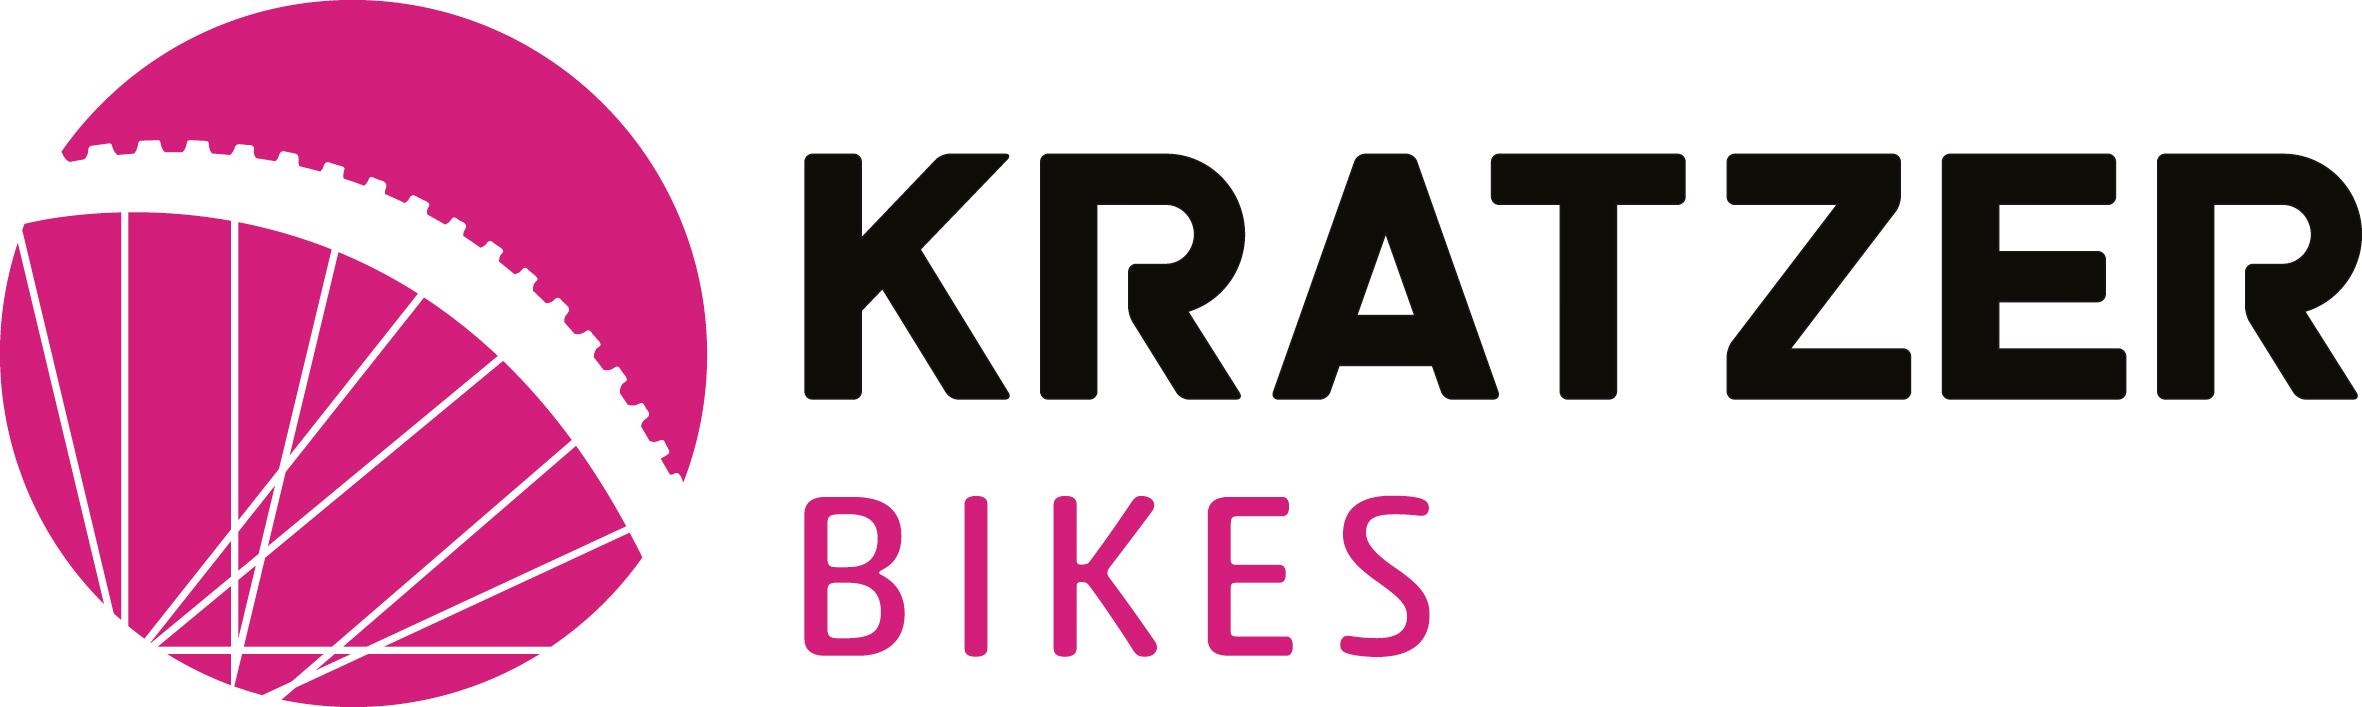 Kratzer Bikes